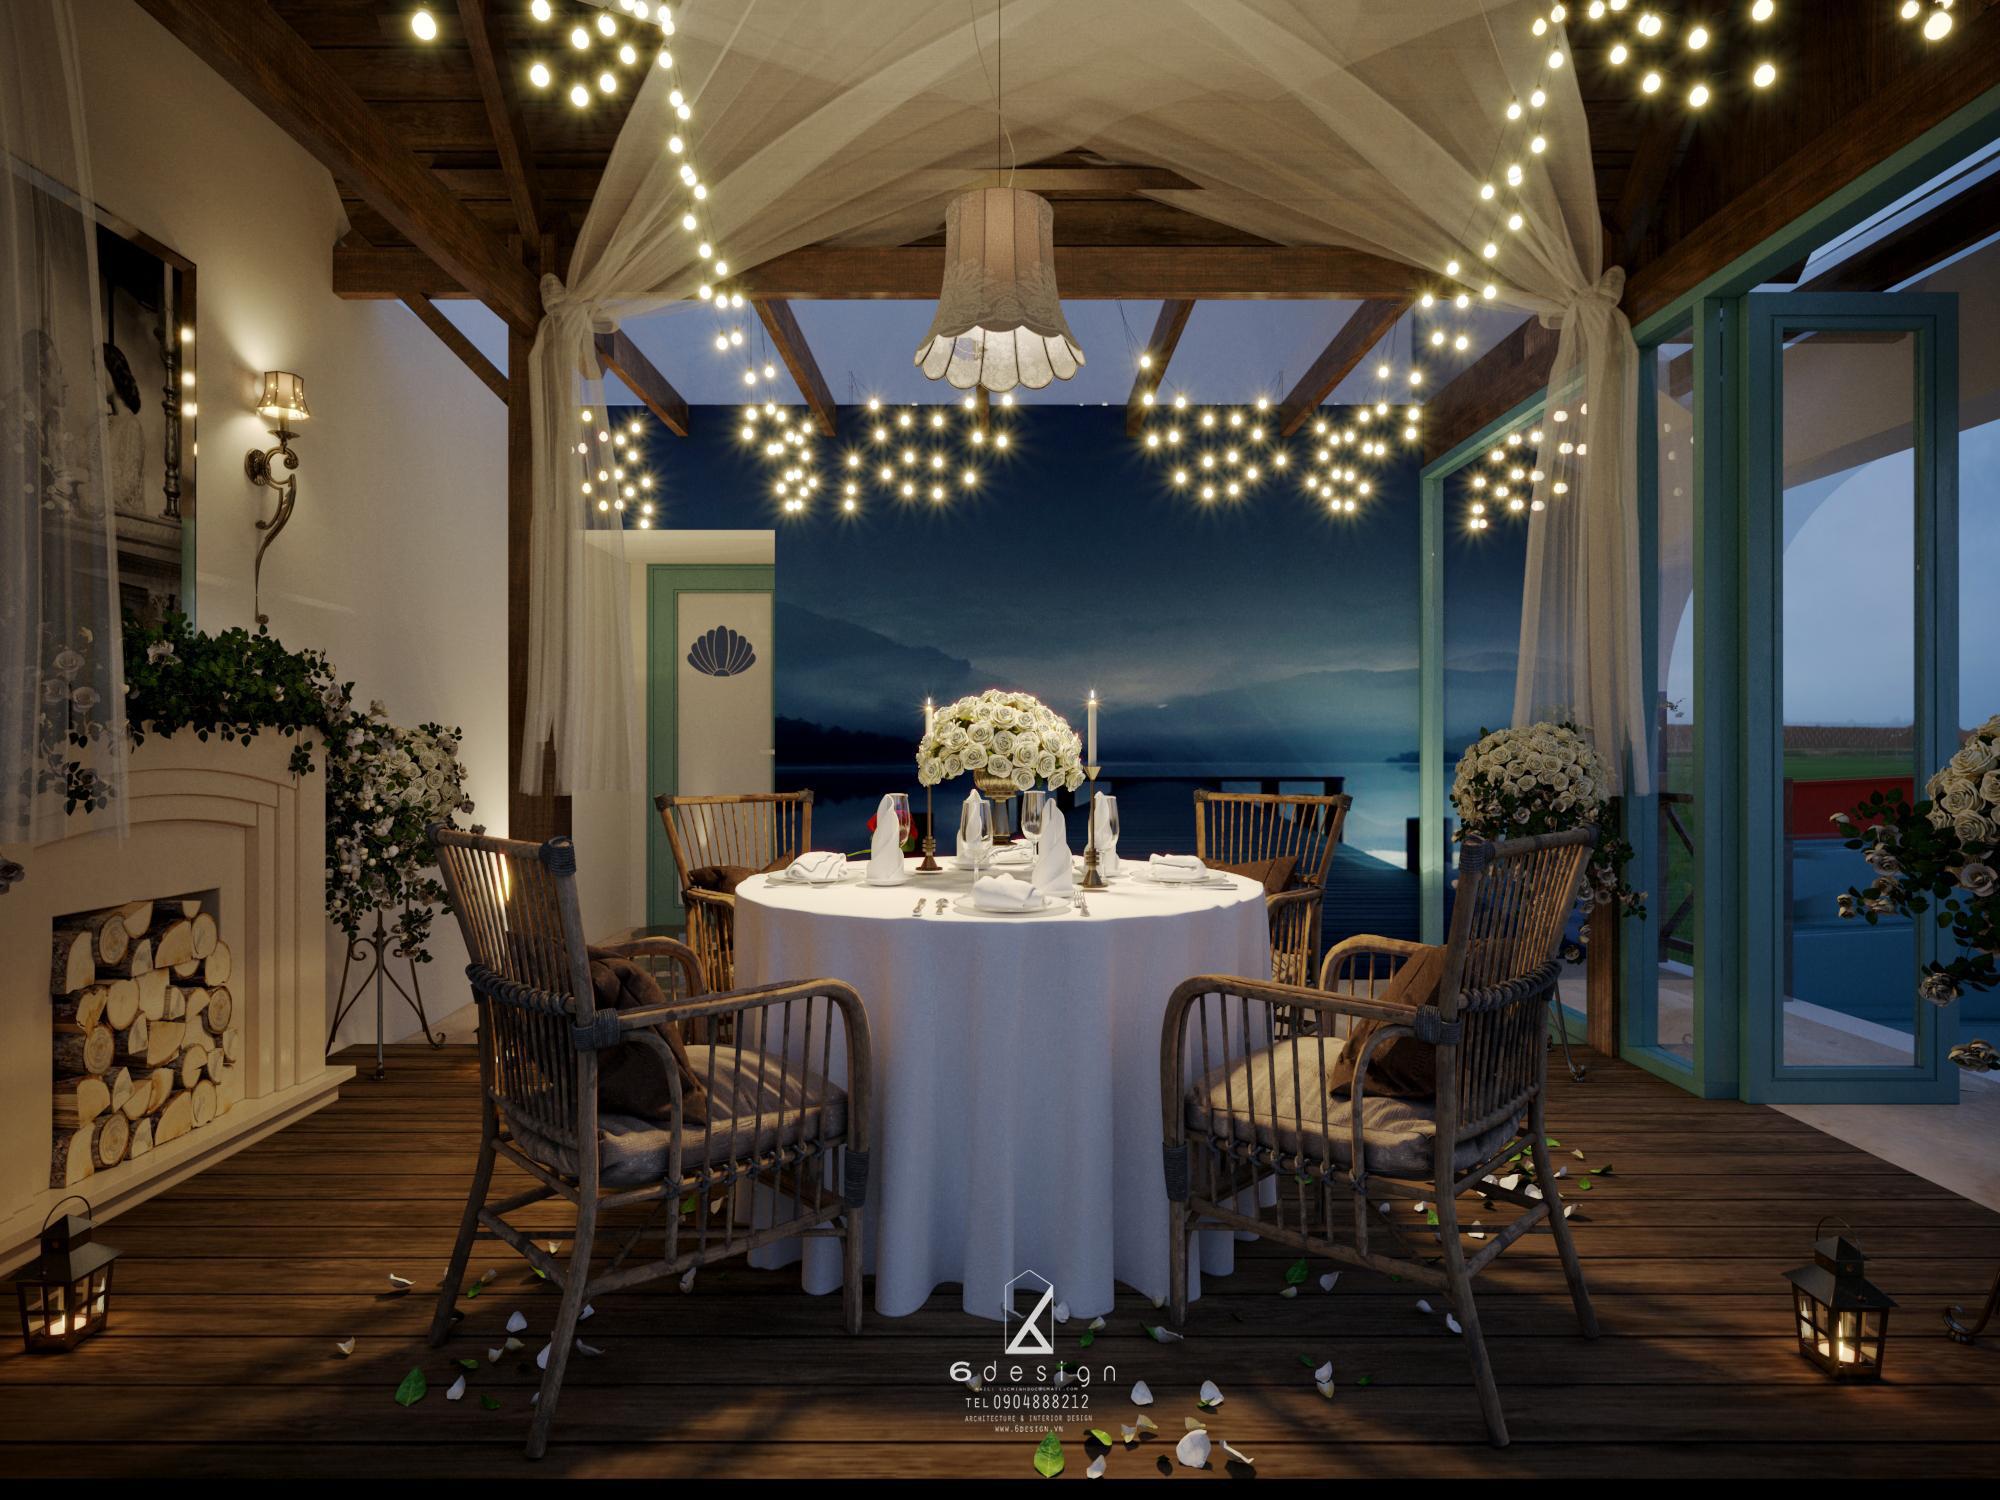 Thiết kế nội thất Nhà Hàng tại Hà Nội NHÀ HÀNG THẾ GIỚI HẢI SẢN 1590724252 12